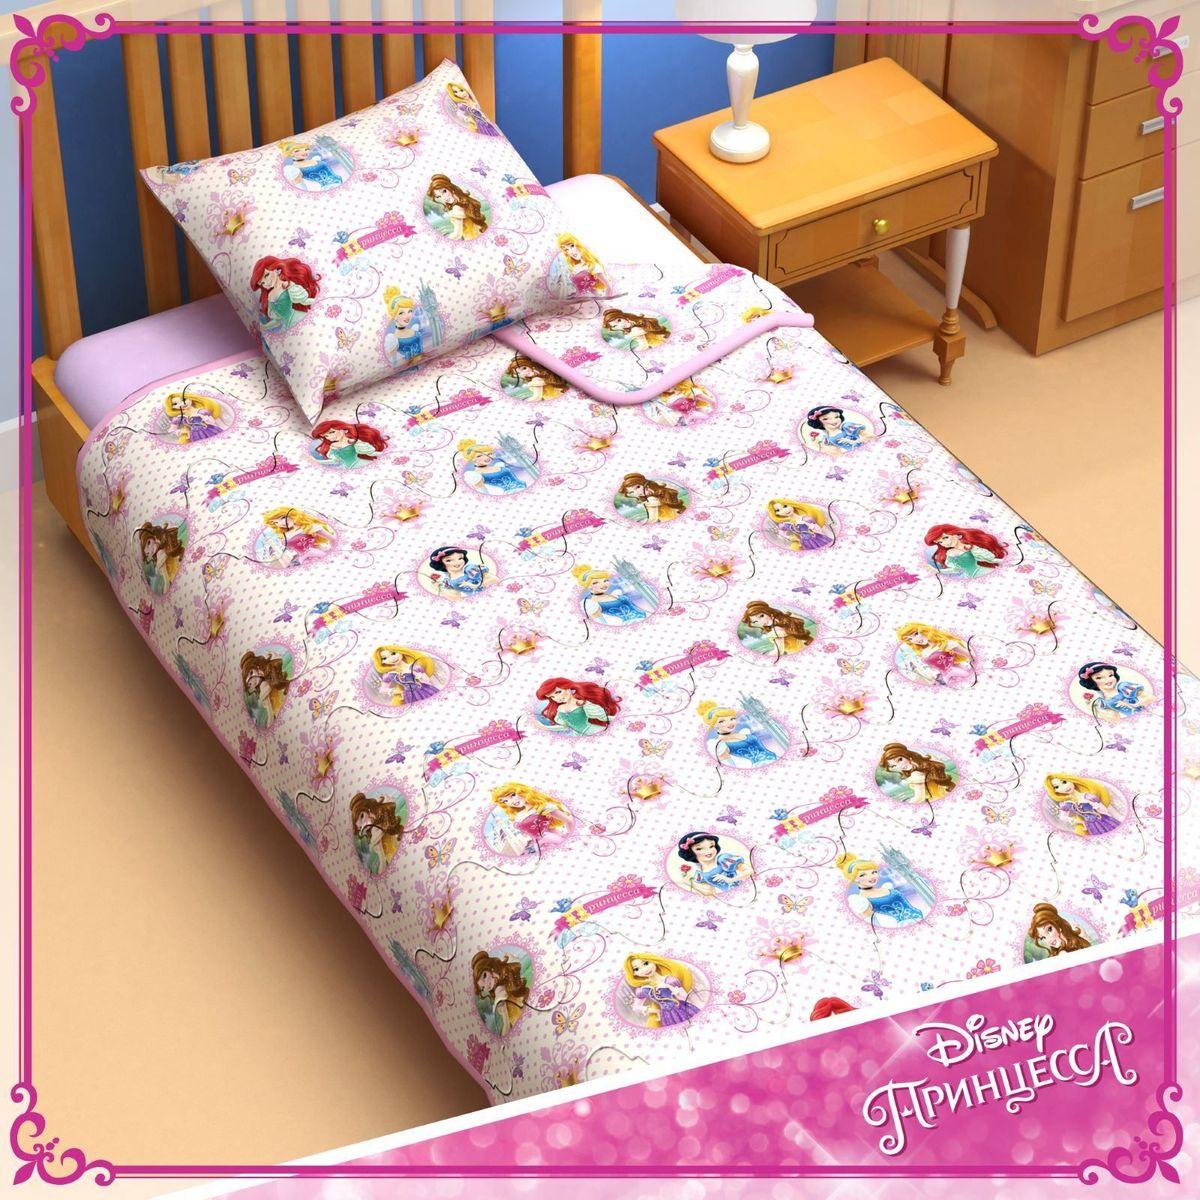 Disney Одеяло 1,5 спальное Принцессы 140 х 205 см 11531681153168Сказочные сны с любимыми принцессами Disney. Маленькая любительница мультфильмов Disney будет в восторге от этого очаровательного одеяла нежно розового цвета с надписями на русском языке! Оно подарит крохе сны, полные волшебства, и по-настоящему доброе утро. Почему? Потому что одеяло изготовлено в России на современном оборудовании, а при нанесении рисунка использовались только качественные европейские красители. Над дизайном работала команда настоящих мастеров своего дела: очаровательные персонажи мультфильмов, детально проработанная картинка, гармоничное сочетание цветов — всё это результат их кропотливой работы. В качестве наполнителя для изделия используется файбер — практичный, безопасный и мягкий материал. Именно поэтому одеяло: поддерживает комфортную температуру тела во время сна; не способствует появлению аллергии и раздражения; позволяет коже дышать и впитывает влагу; хорошо переносит многочисленные стирки, сохраняя...